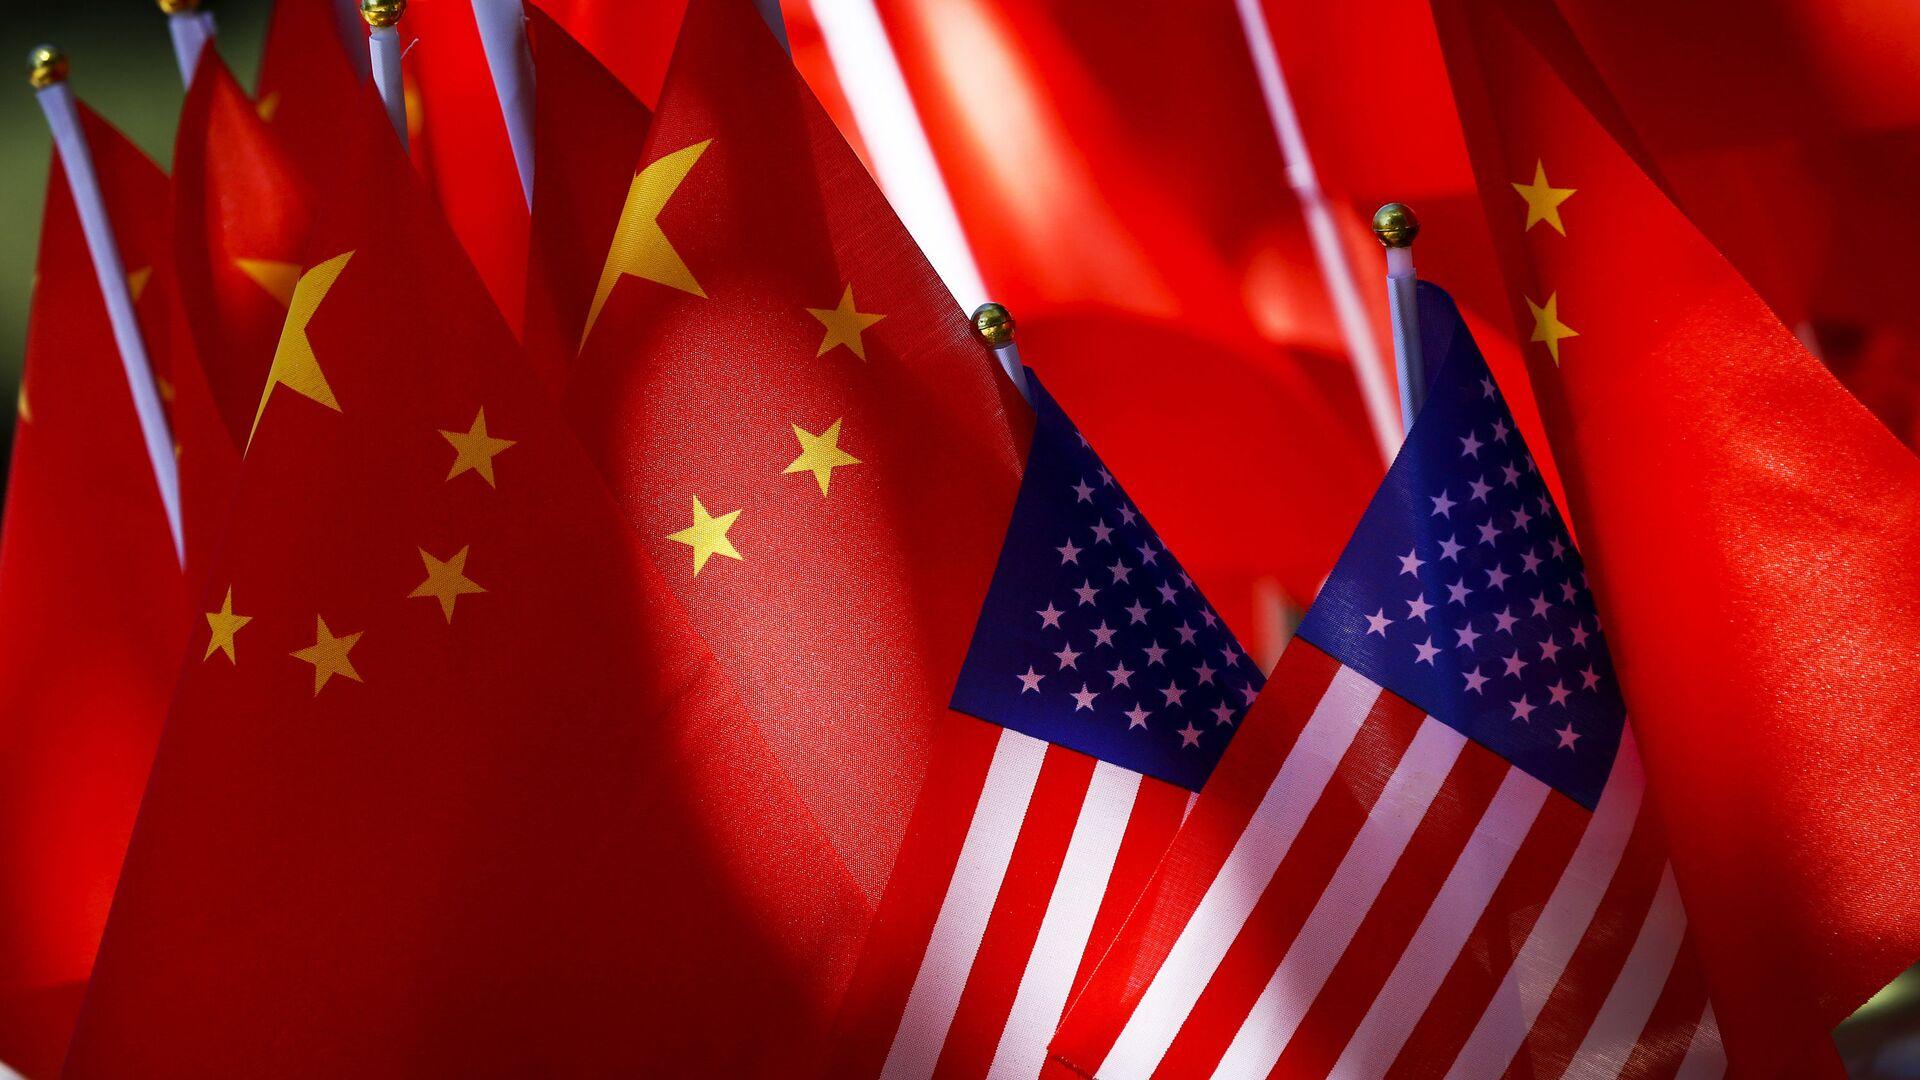 Vlajky USA a Číny - Sputnik Česká republika, 1920, 20.07.2021